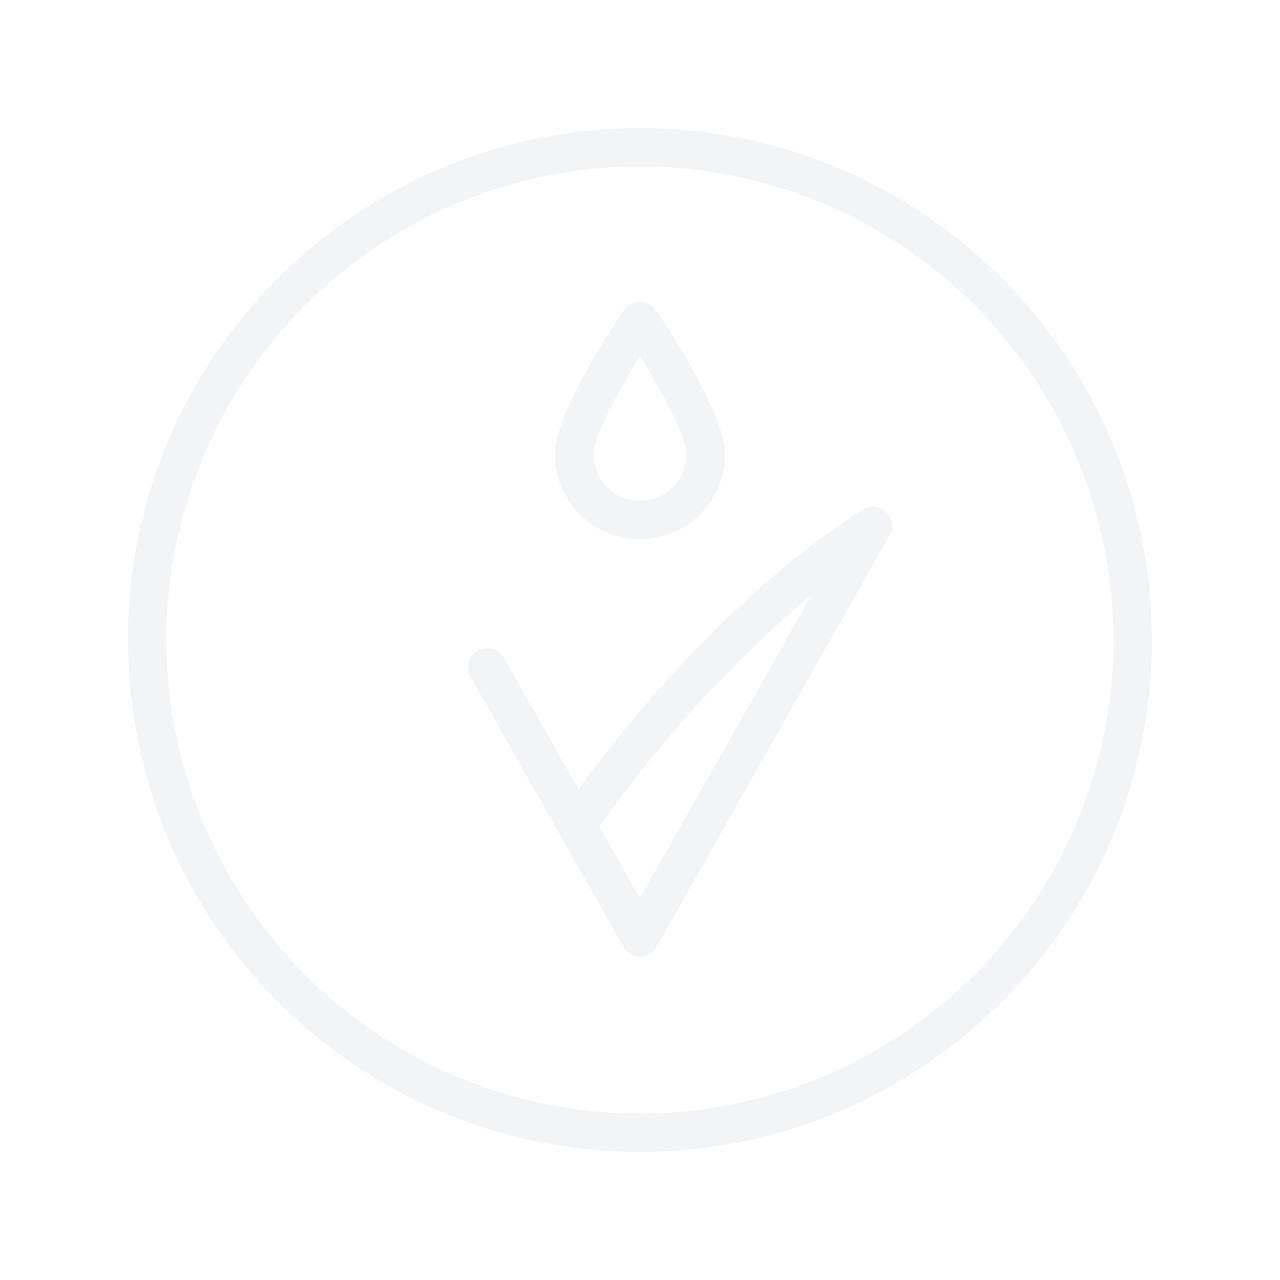 BABOR Thermal Toning Essence лосьон для чувствительной кожи лица 200ml